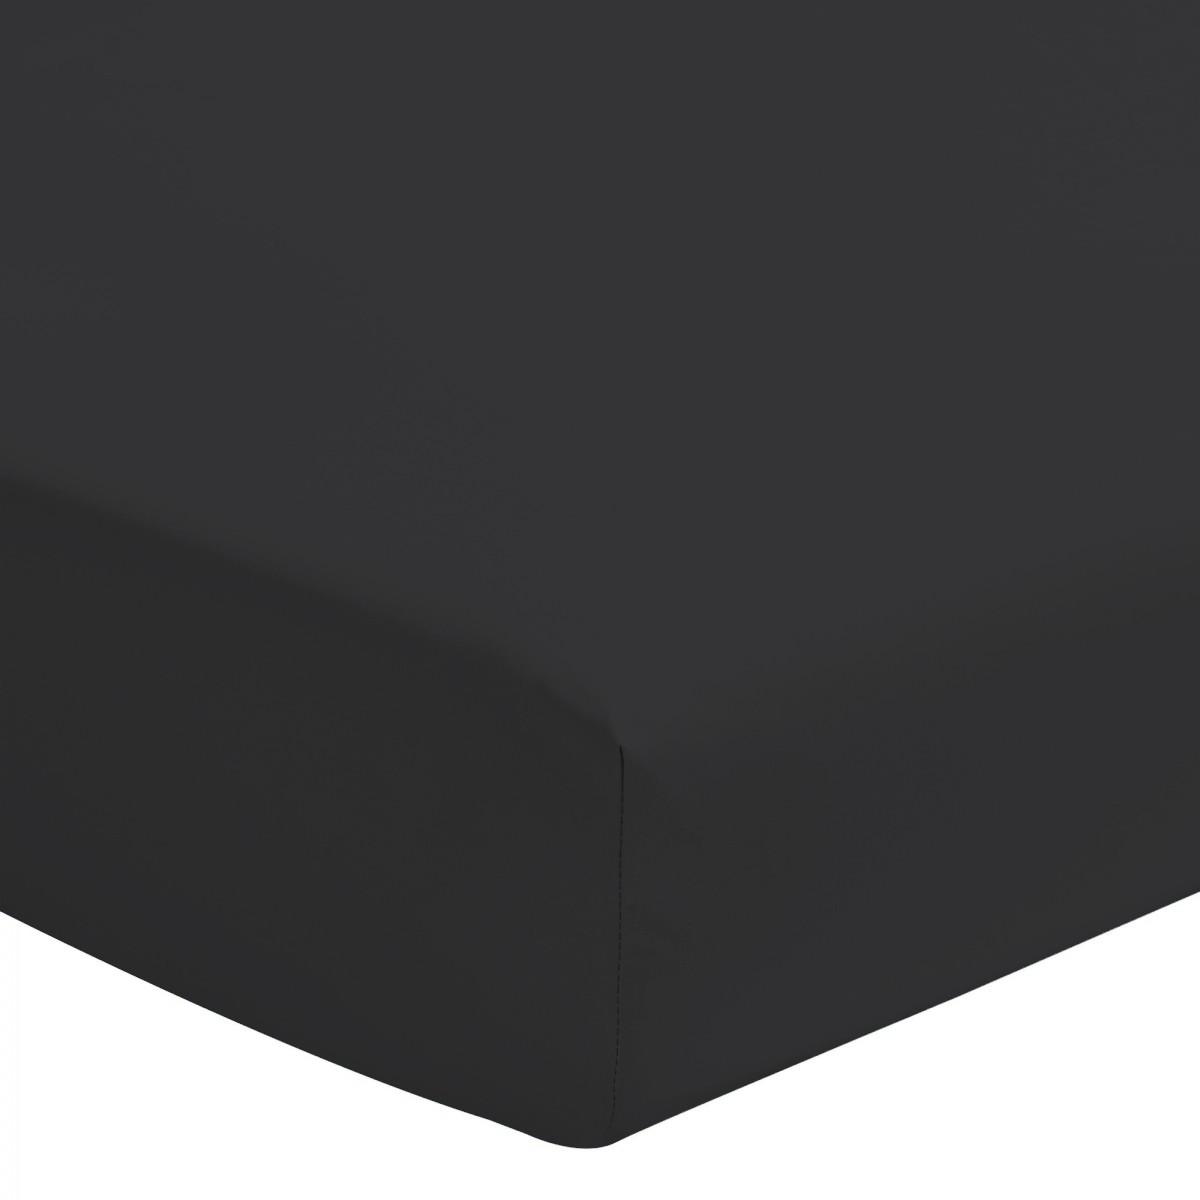 Drap Housse Uni 100% Coton Bonnet 25cm Noir 180x200cm